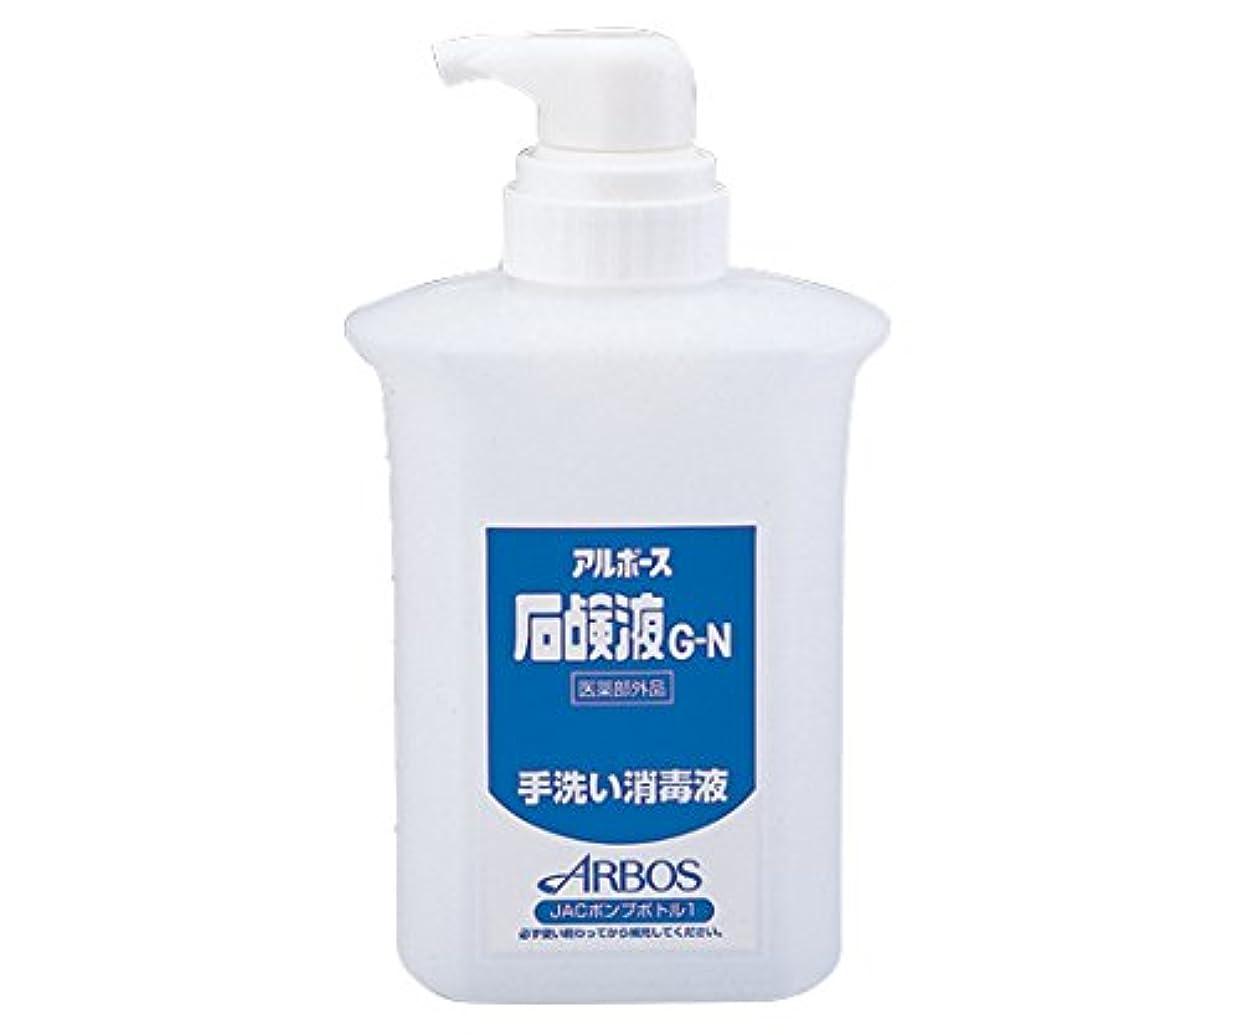 お手伝いさんこする株式会社アルボースiG-N用ポンプボトル 1000mL